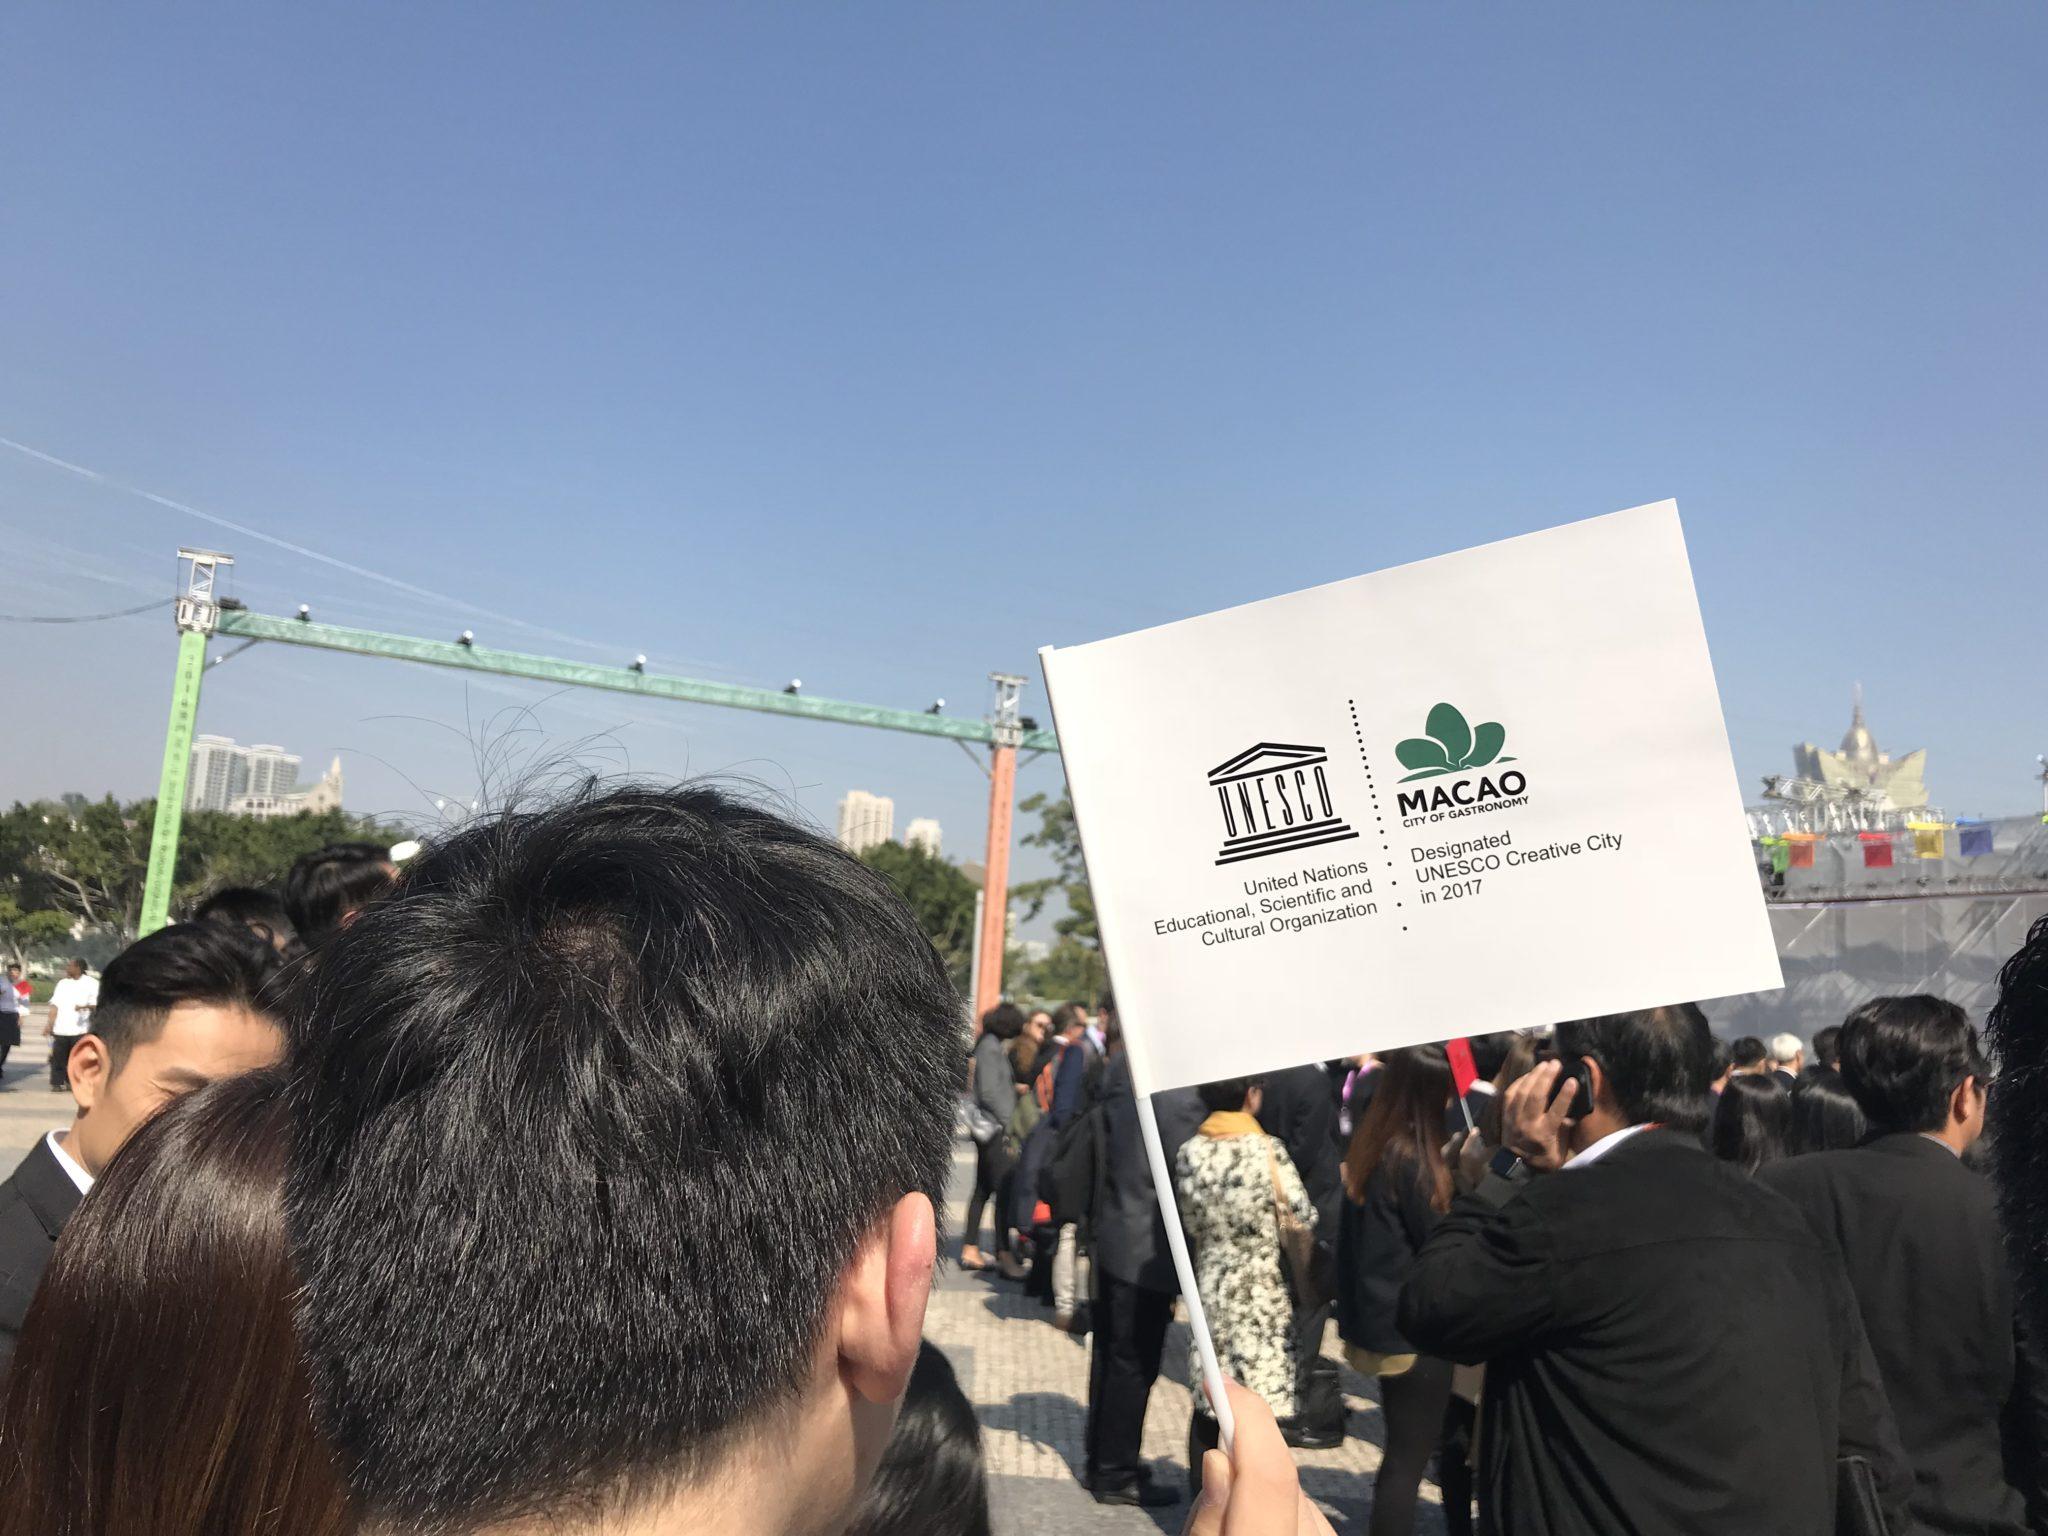 'Chefs' de cidades criativas da UNESCO juntos em demonstração culinária em Macau